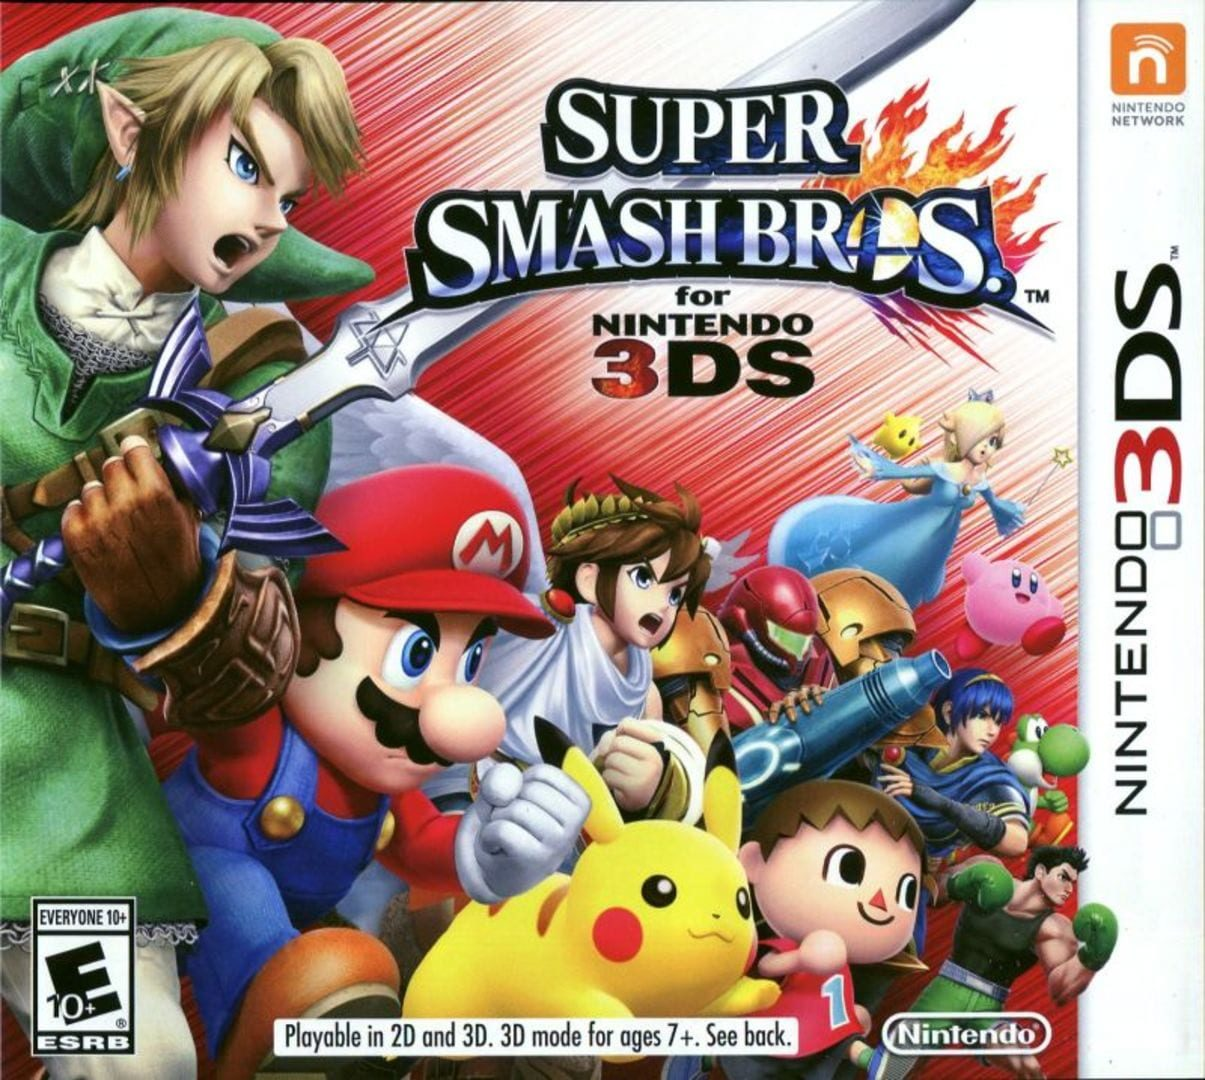 buy Super Smash Bros. for Nintendo 3DS cd key for all platform